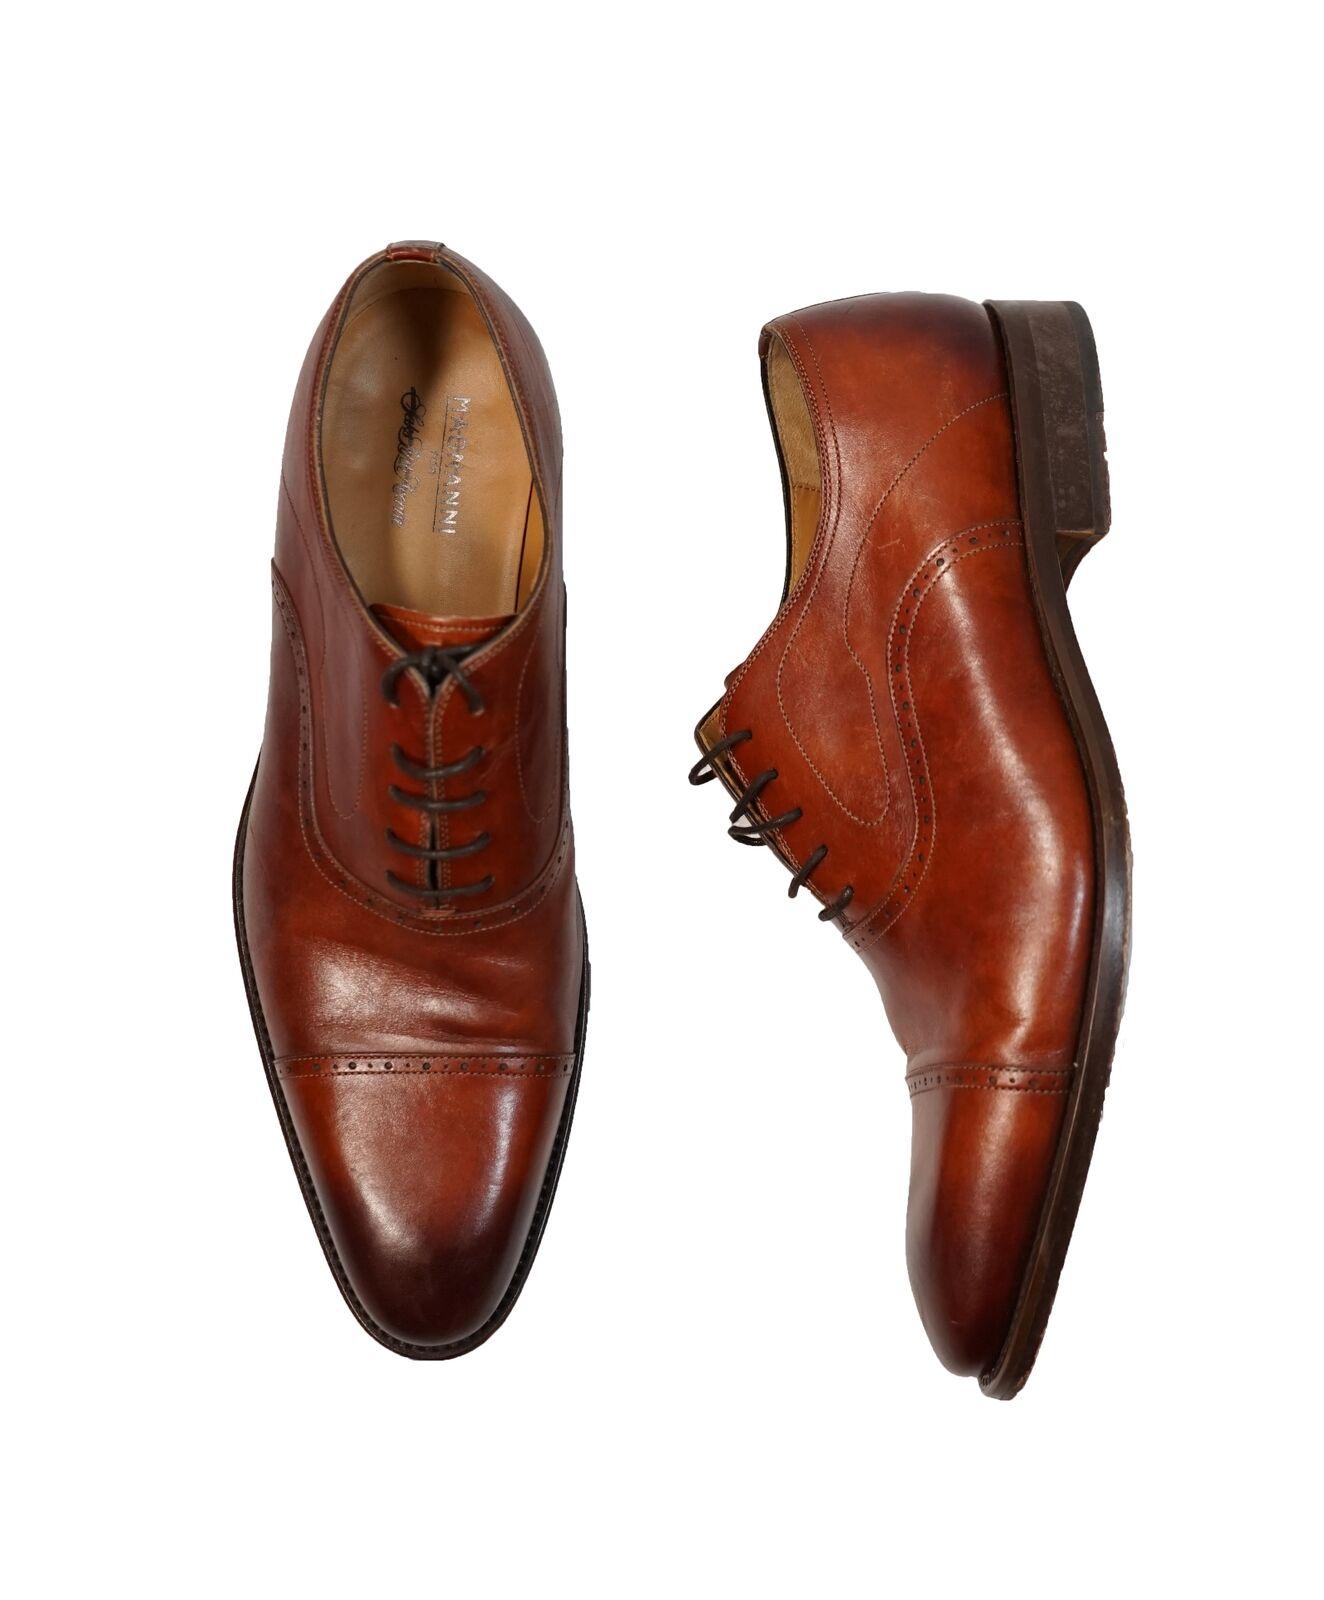 8 + Tax MAGNANNI For SAKS FIFTH AVENUE- Brown Cap-Toe Oxfords - 12 Scarpe classiche da uomo